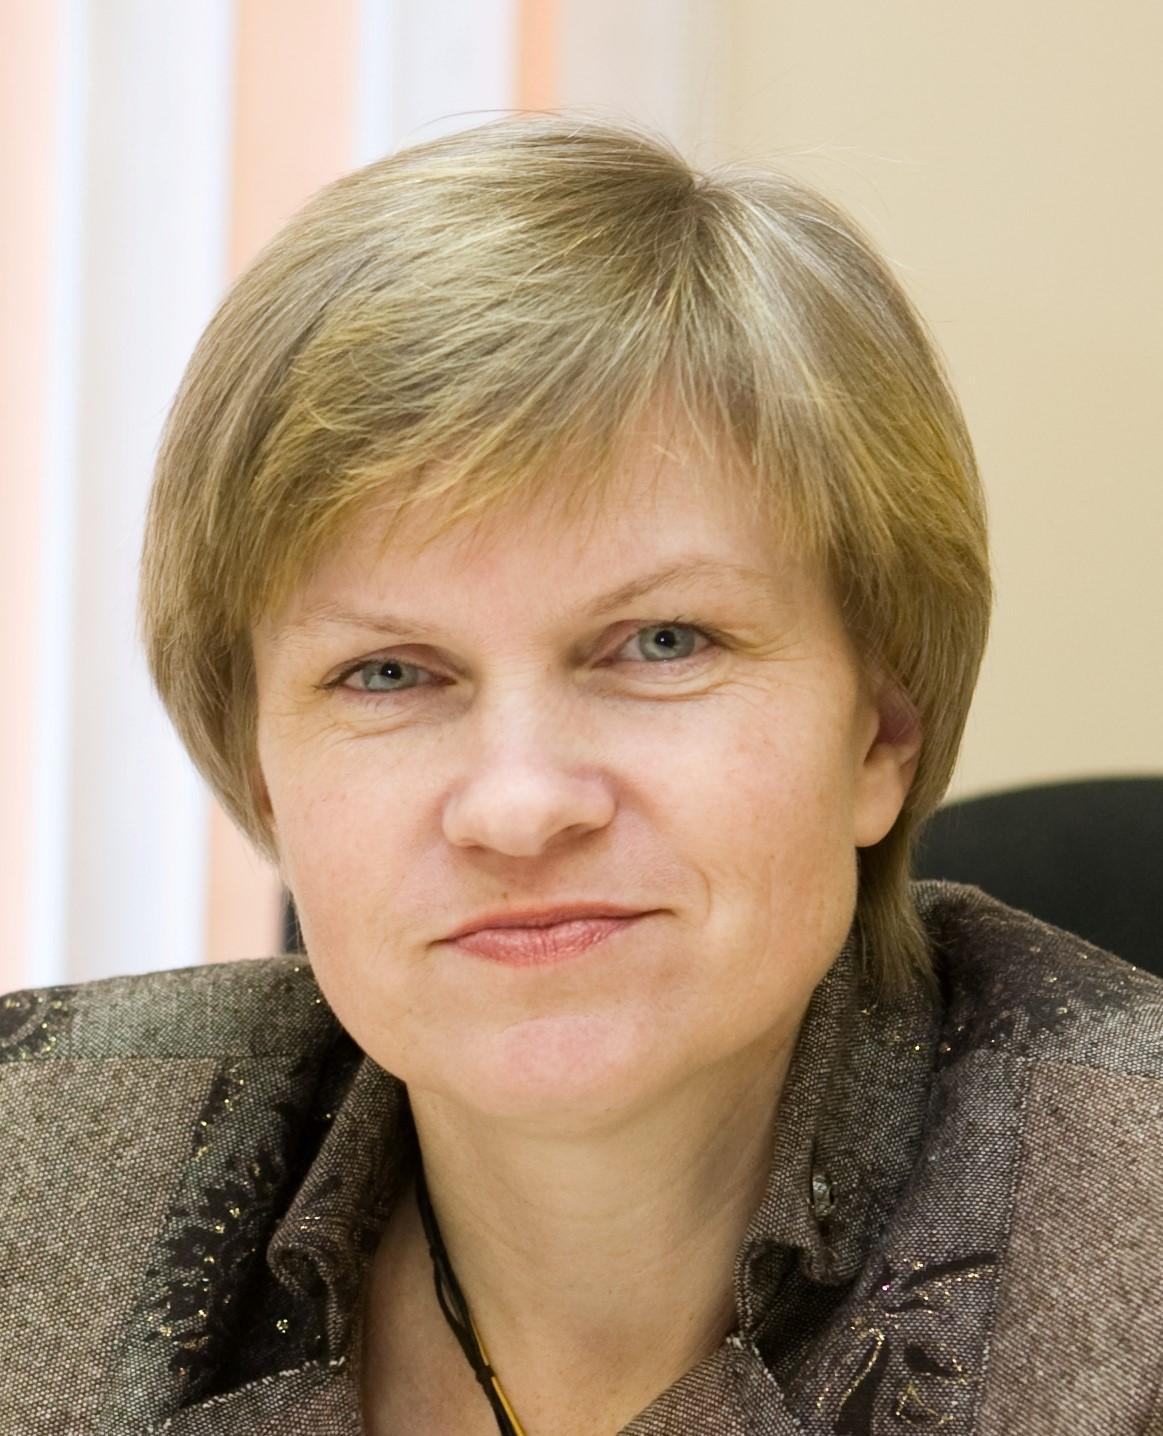 <strong>Шестиловская Екатерина Владимировна</strong>